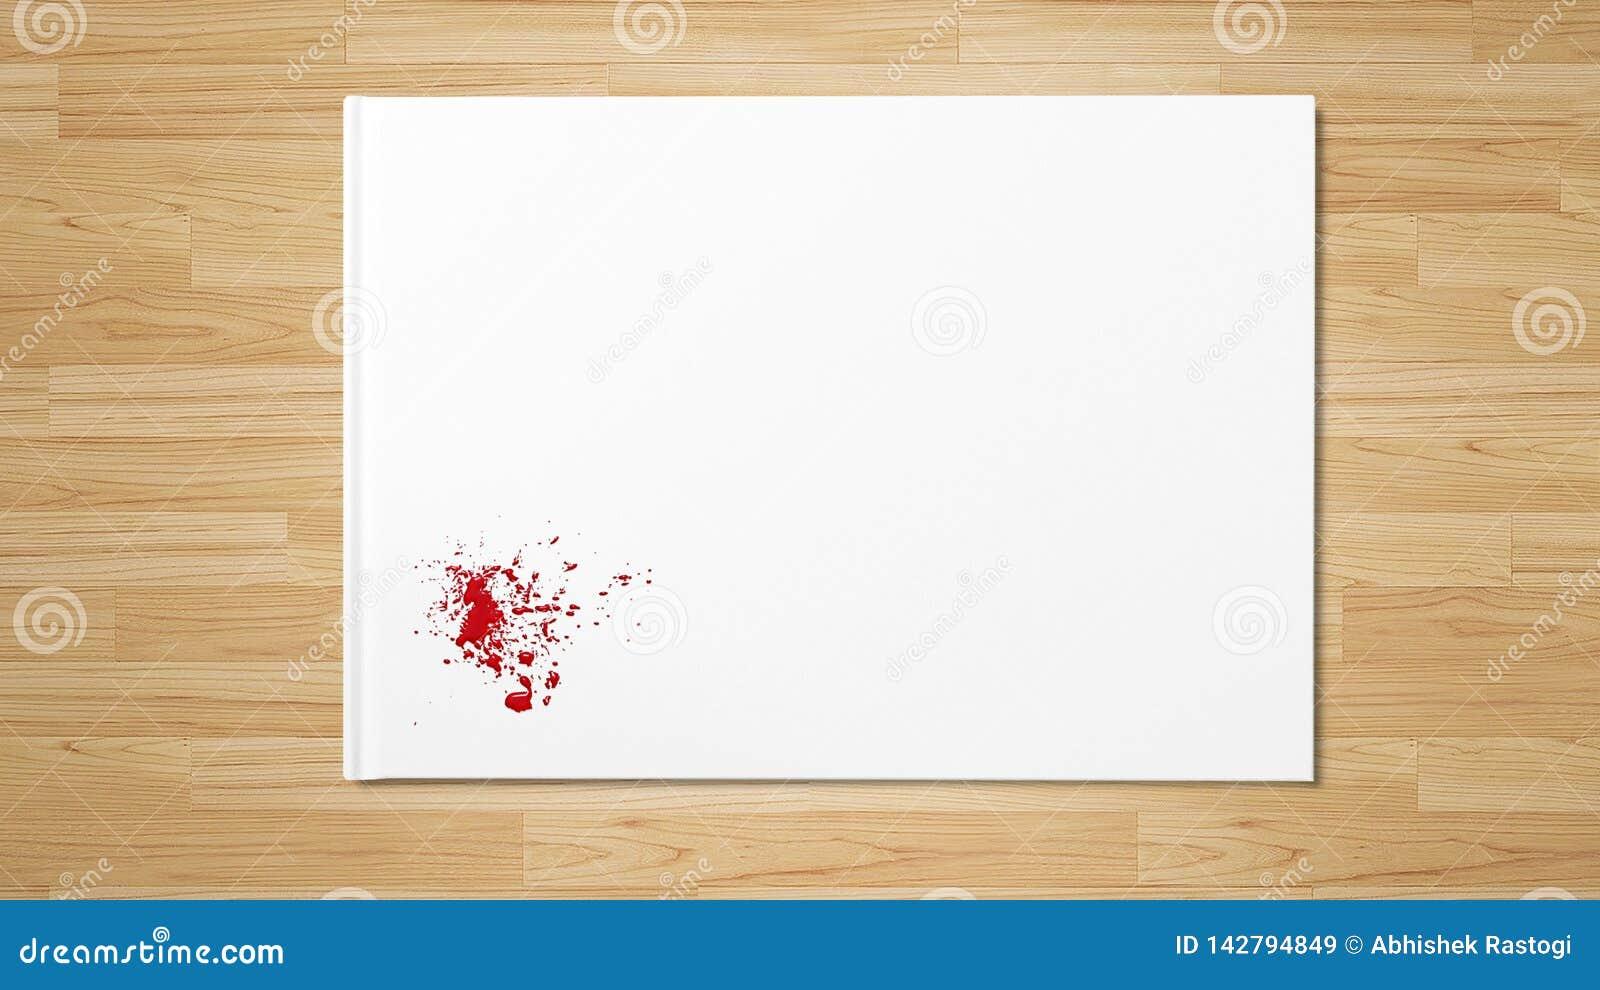 RED丢弃泼溅物污点在白皮书的艺术油漆